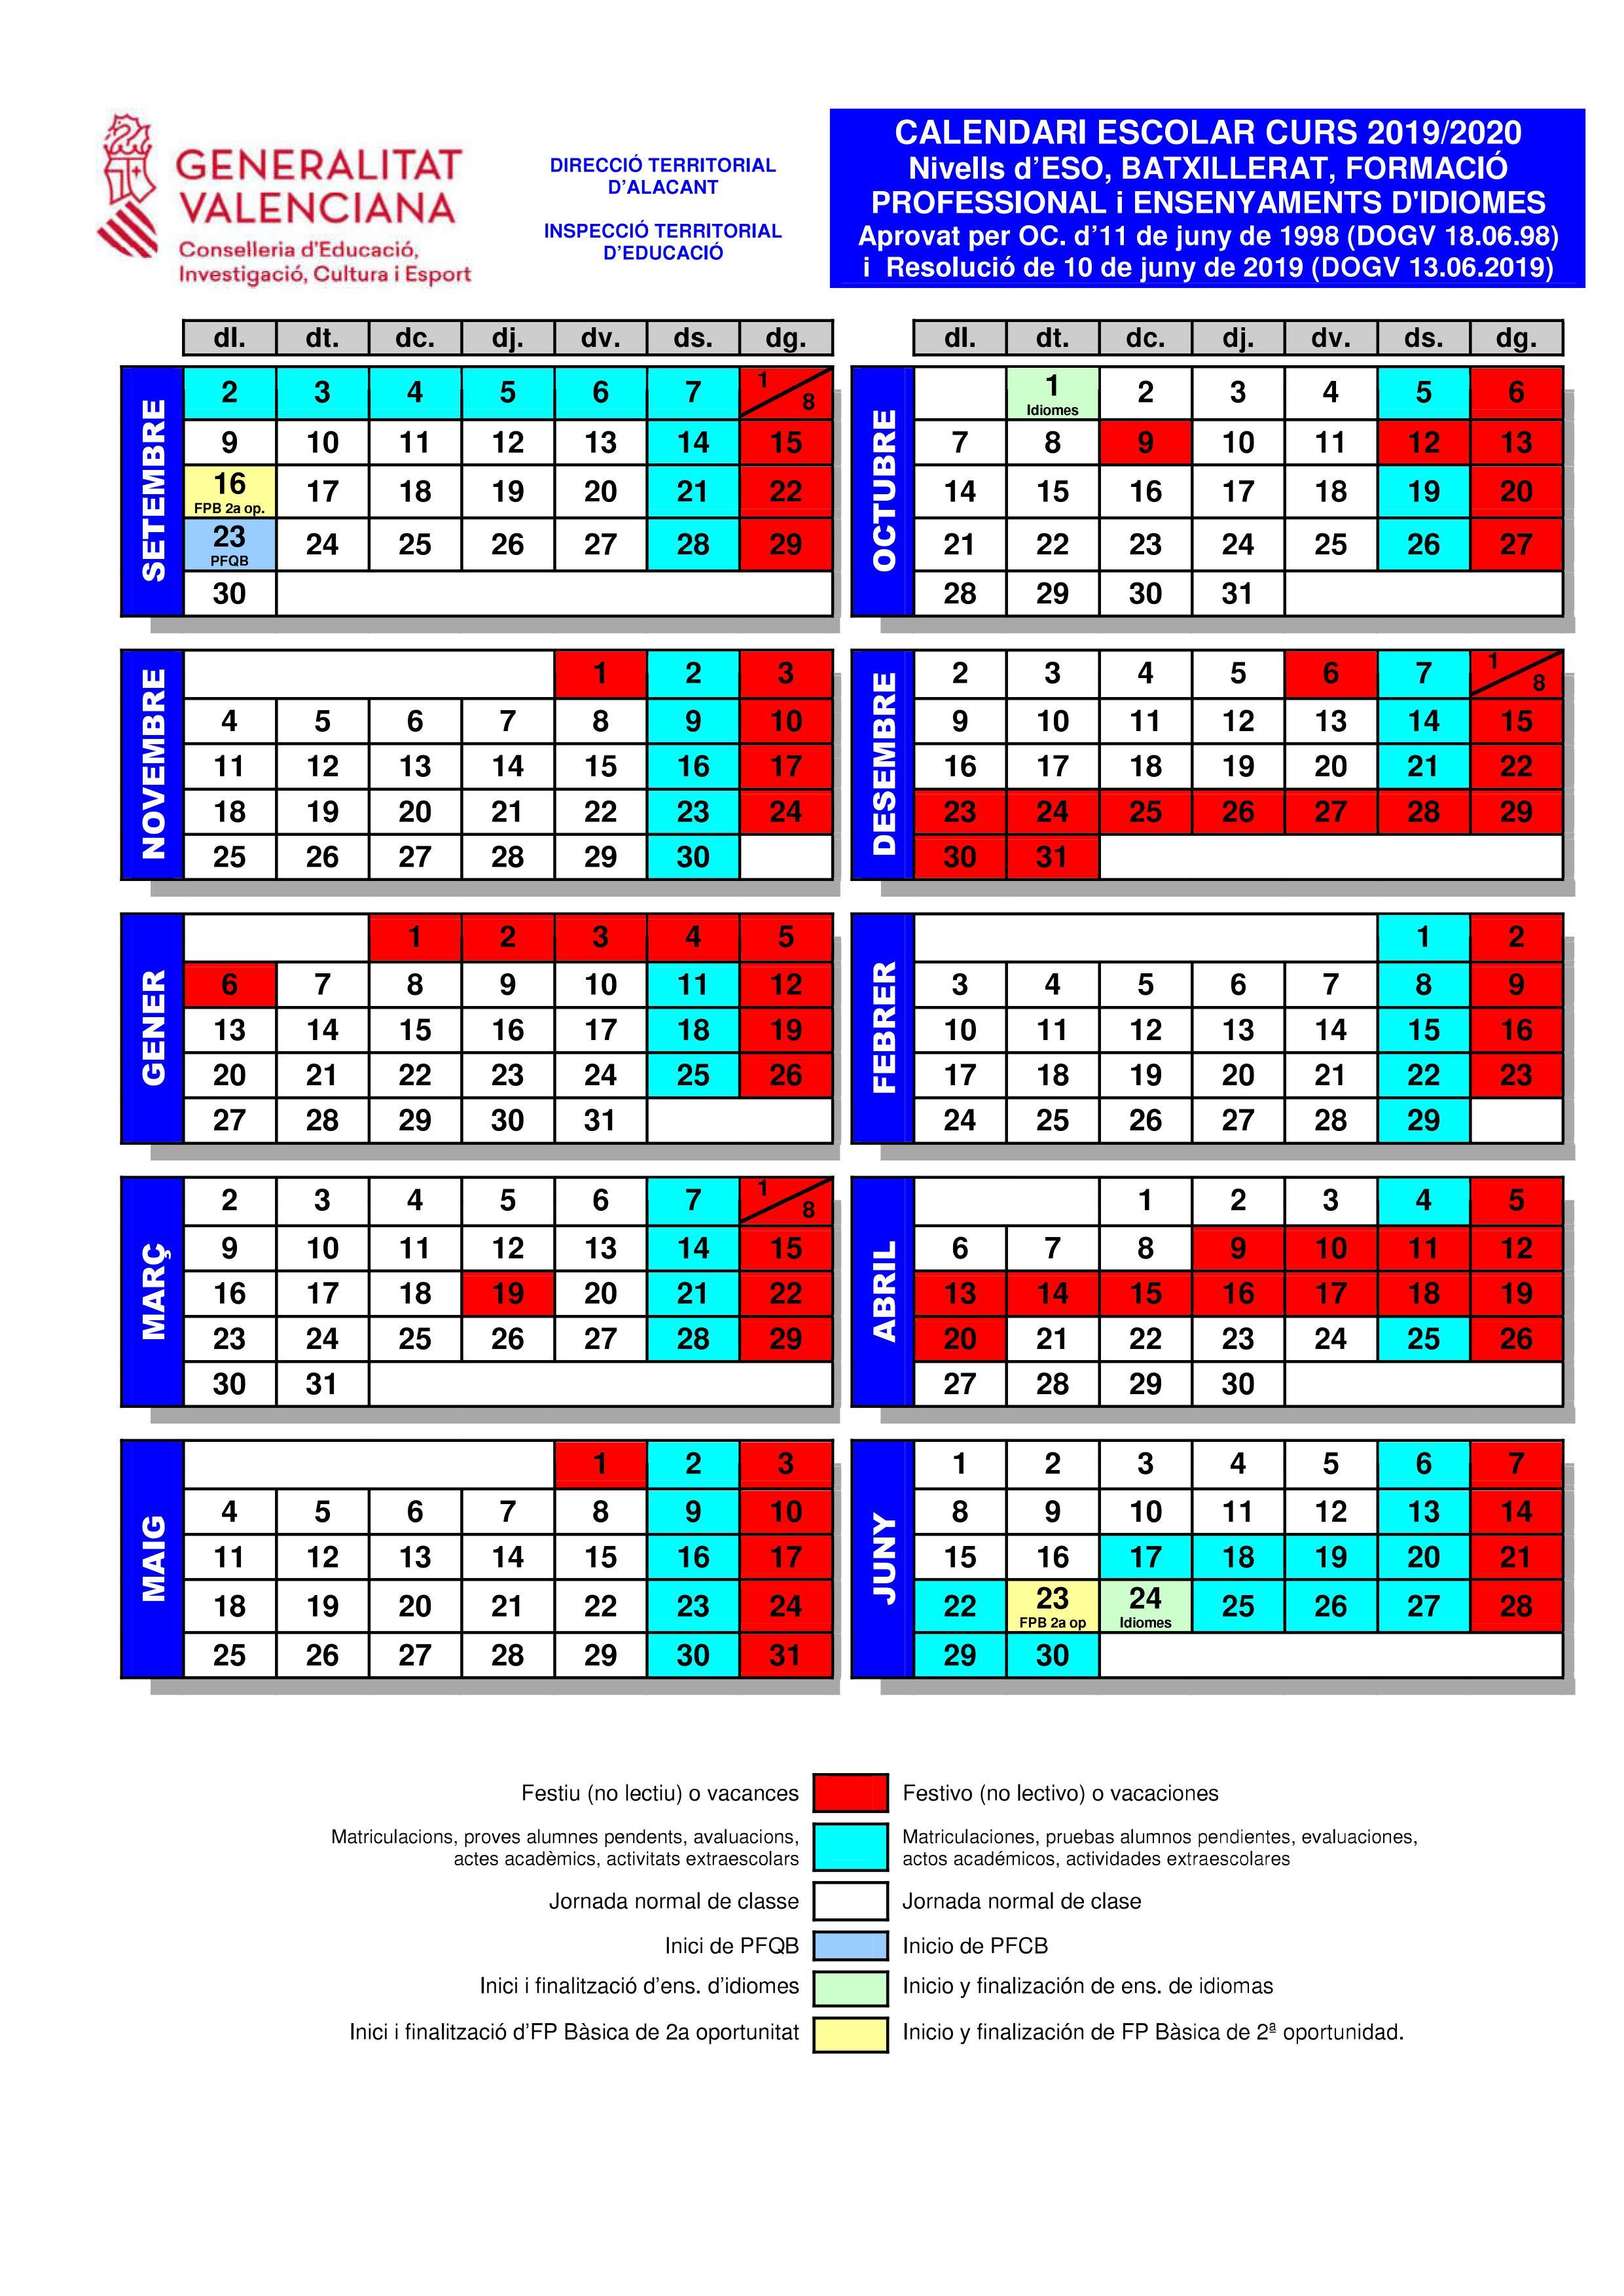 Calendario Academico 2020 16.Top 10 Punto Medio Noticias Calendario 2019 Escolar 2020 Alicante